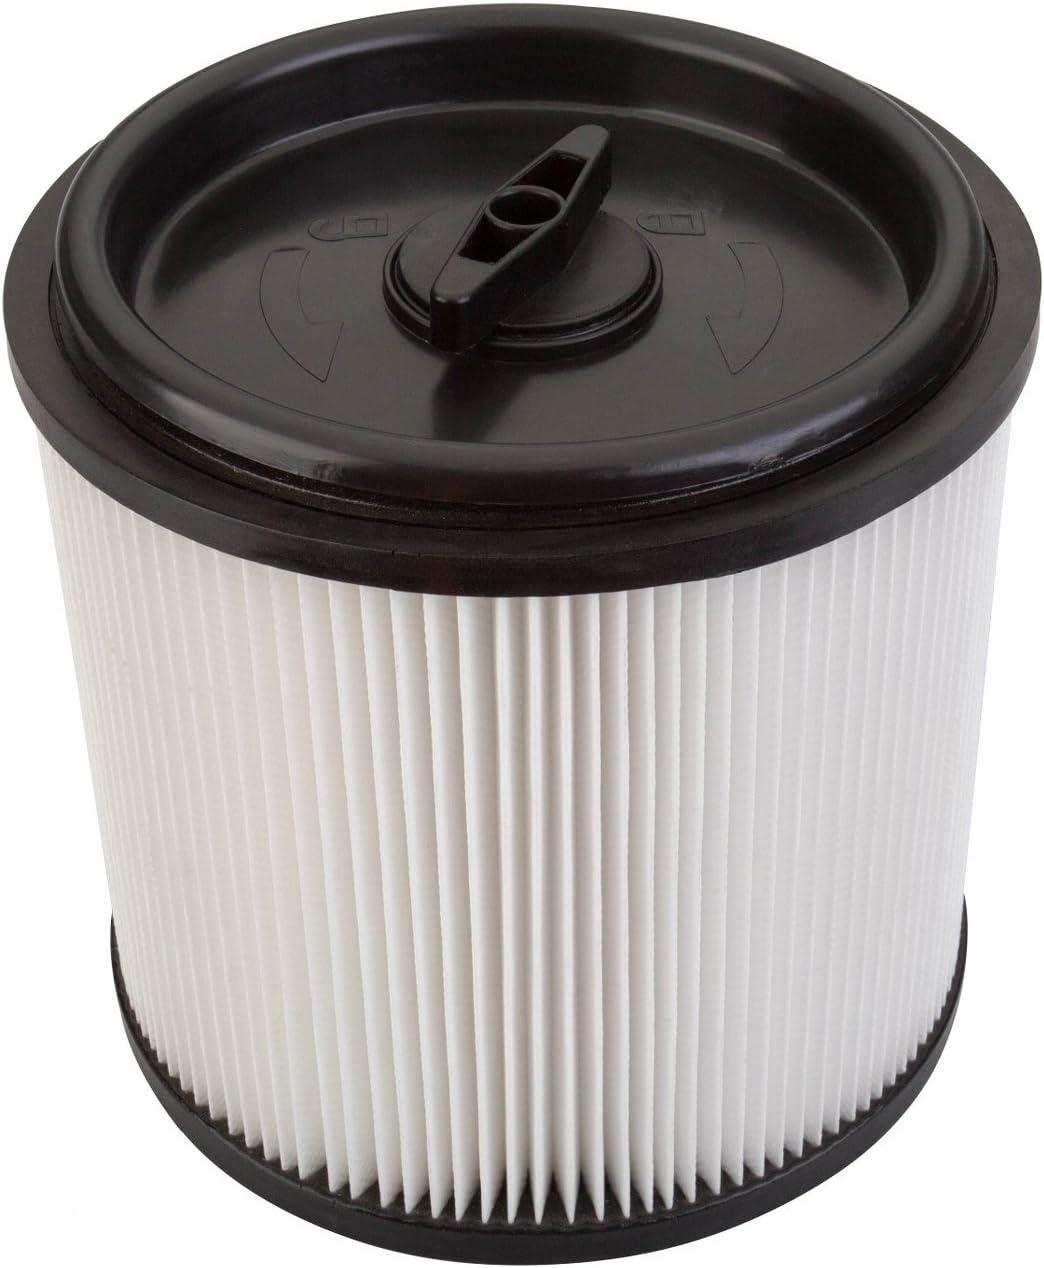 Qualtex – Bolsas para húmedo y seco filtro de cartucho para Wickes ...